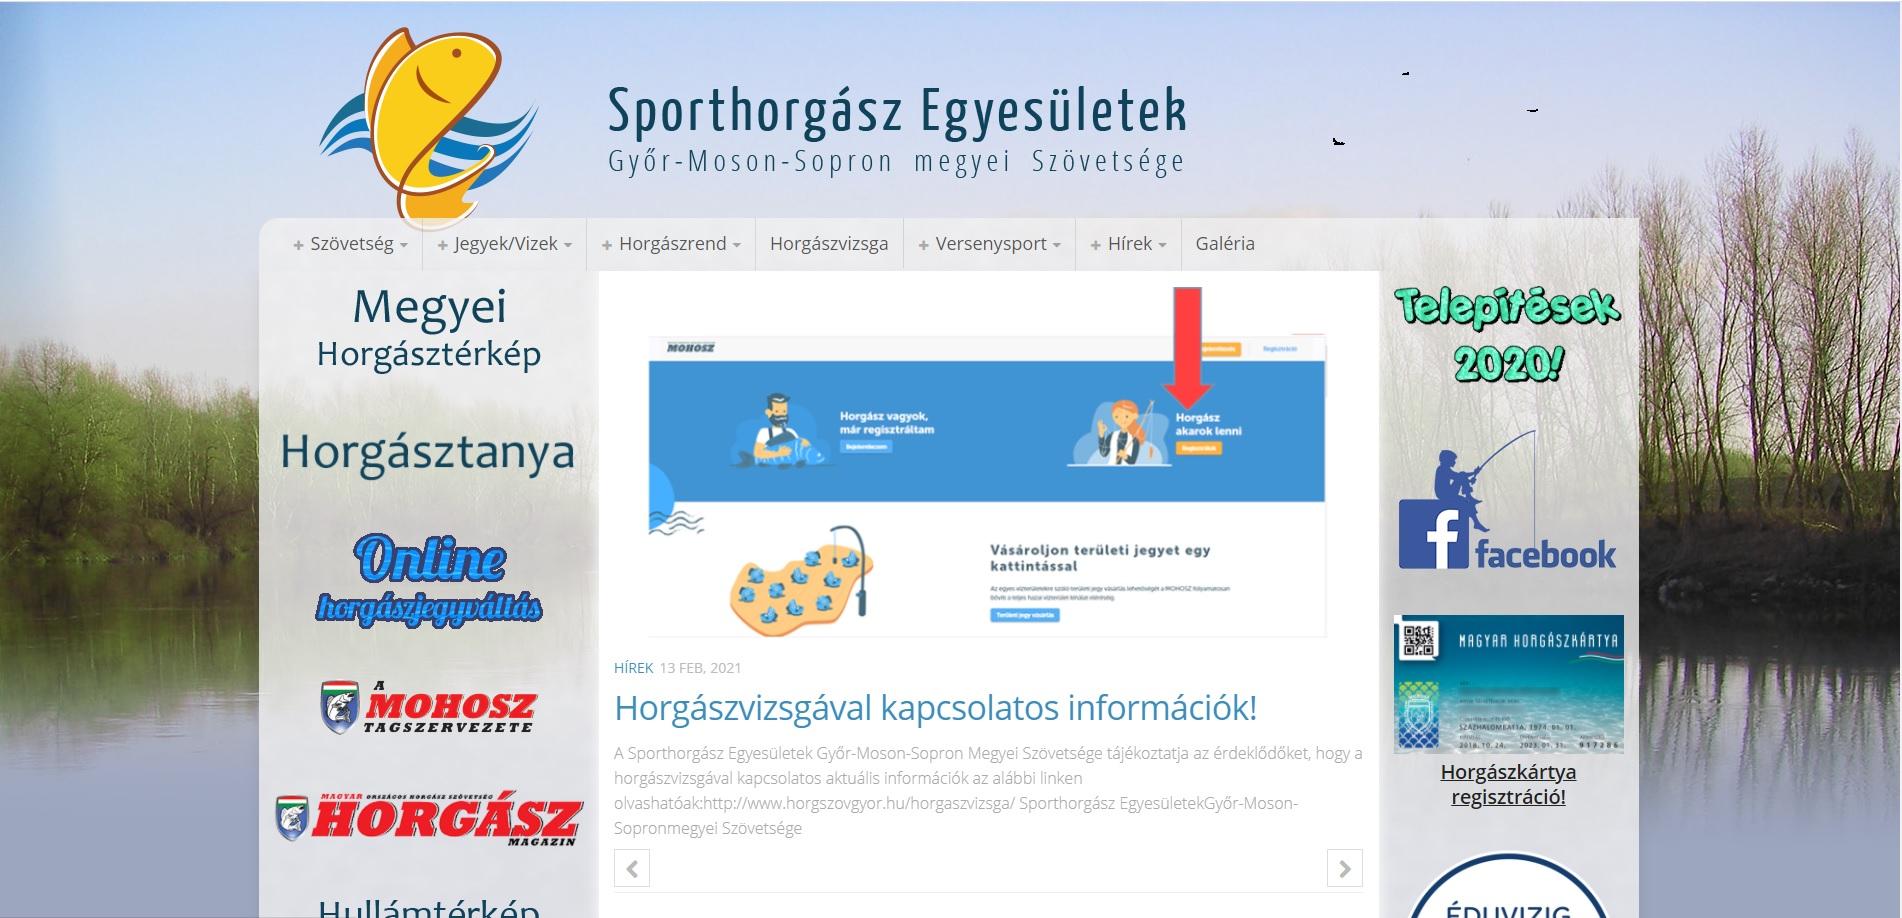 Sporthorgász egyesület